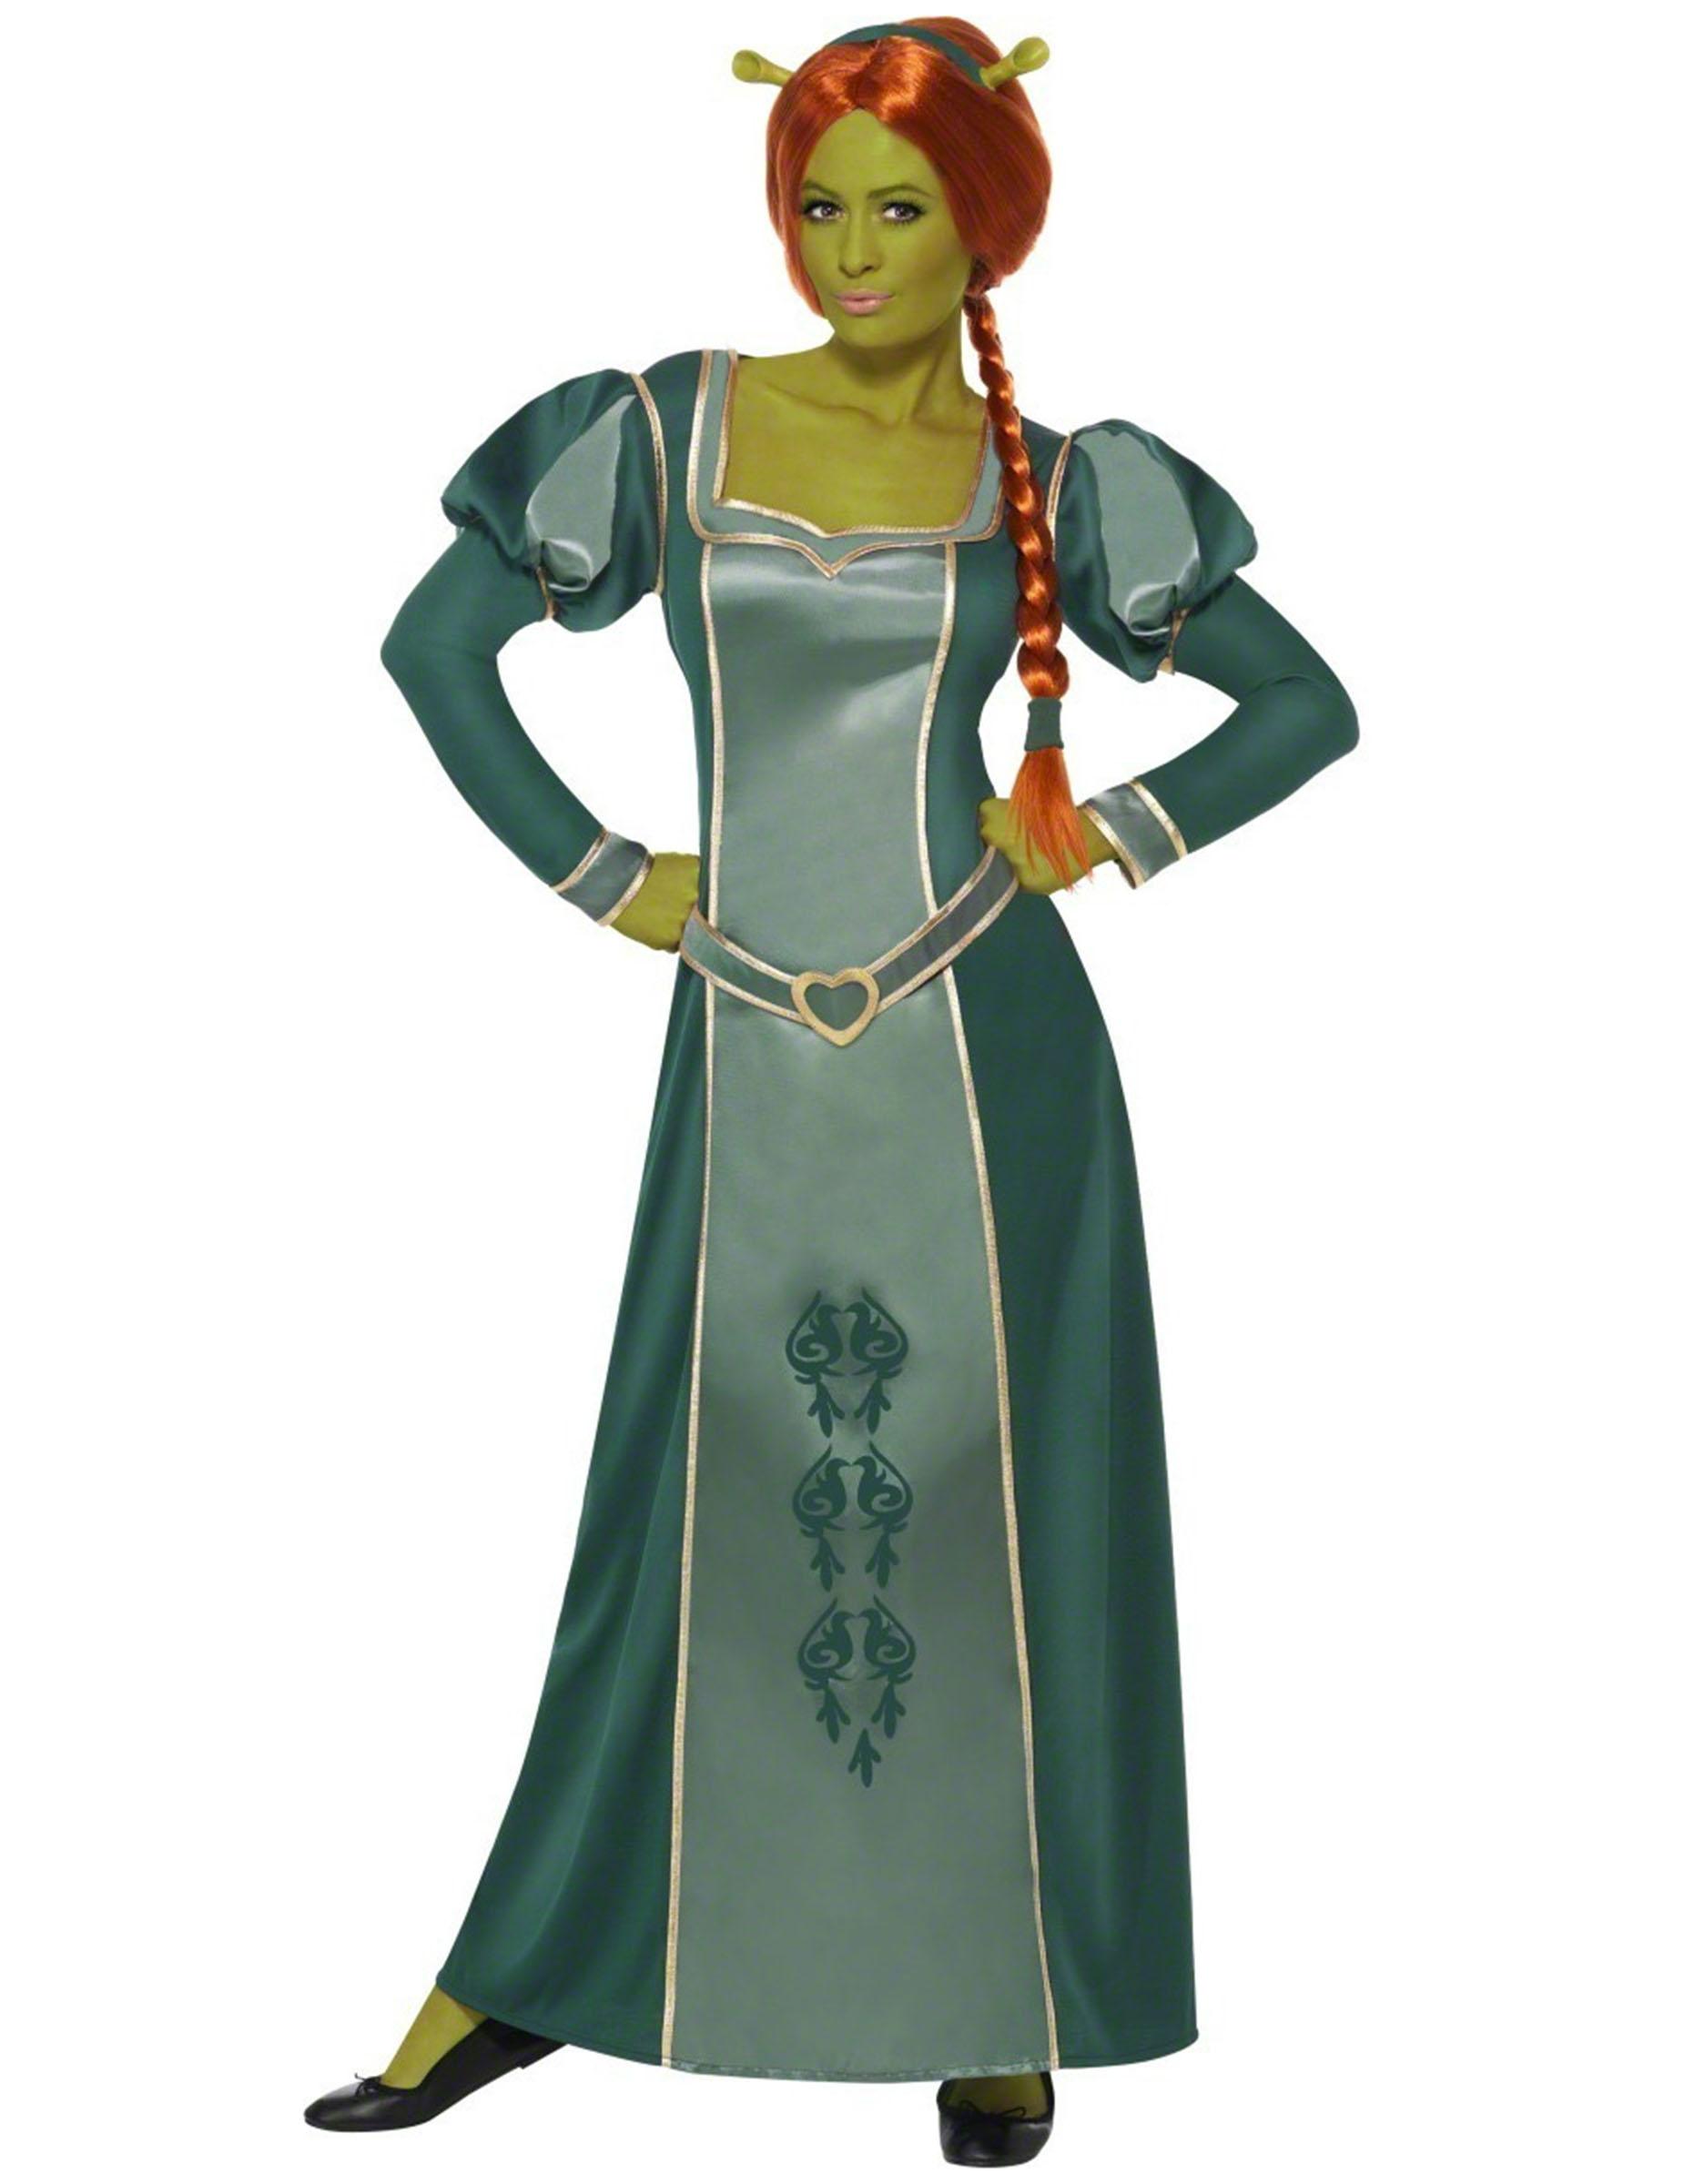 Kostuums Dames.Fiona Shrek Kostuum Voor Dames